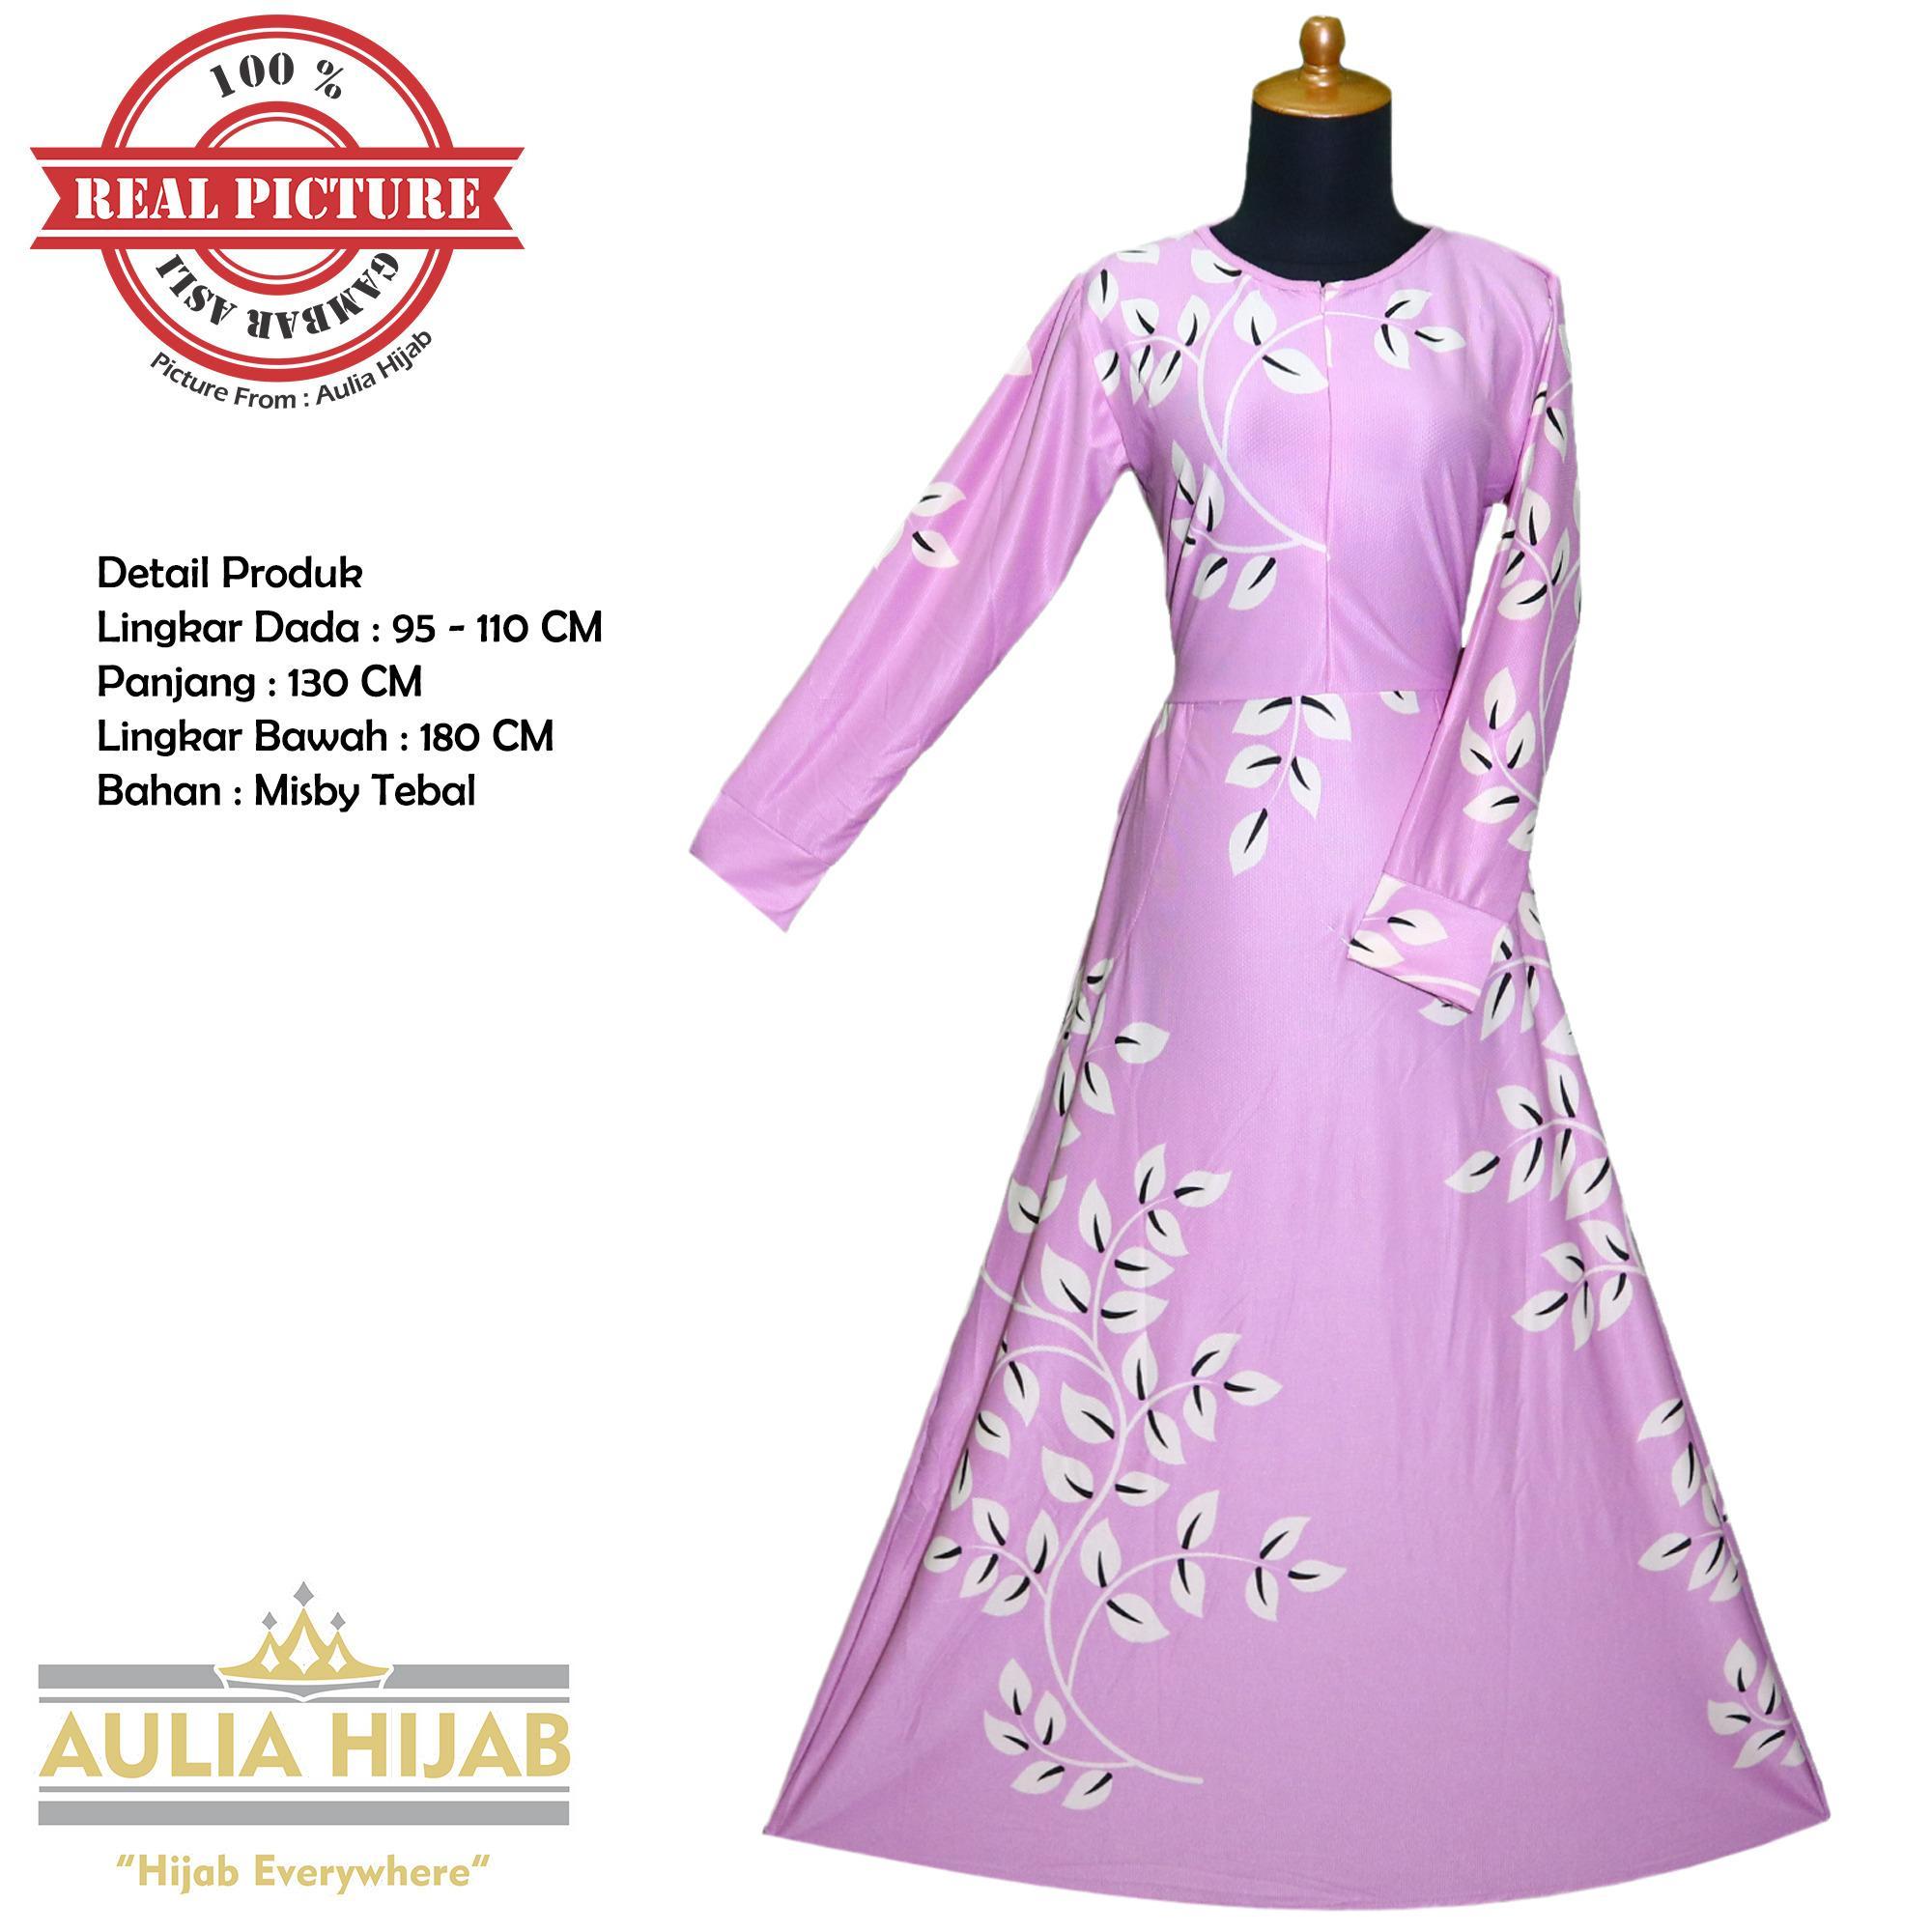 Promo Aulia Hijab Gamis Aurel Dress Bahan Misby Gamis Murah Gamis Cantik Gamis Murah Gamis Real Picture Gamis Pesta Gamis Santai Gamis Jersey Gamis Zipper Depan Gamis Menyusui Gamis Bunga Bunga Gamis Terbaru Gamis Best Seller Di Riau